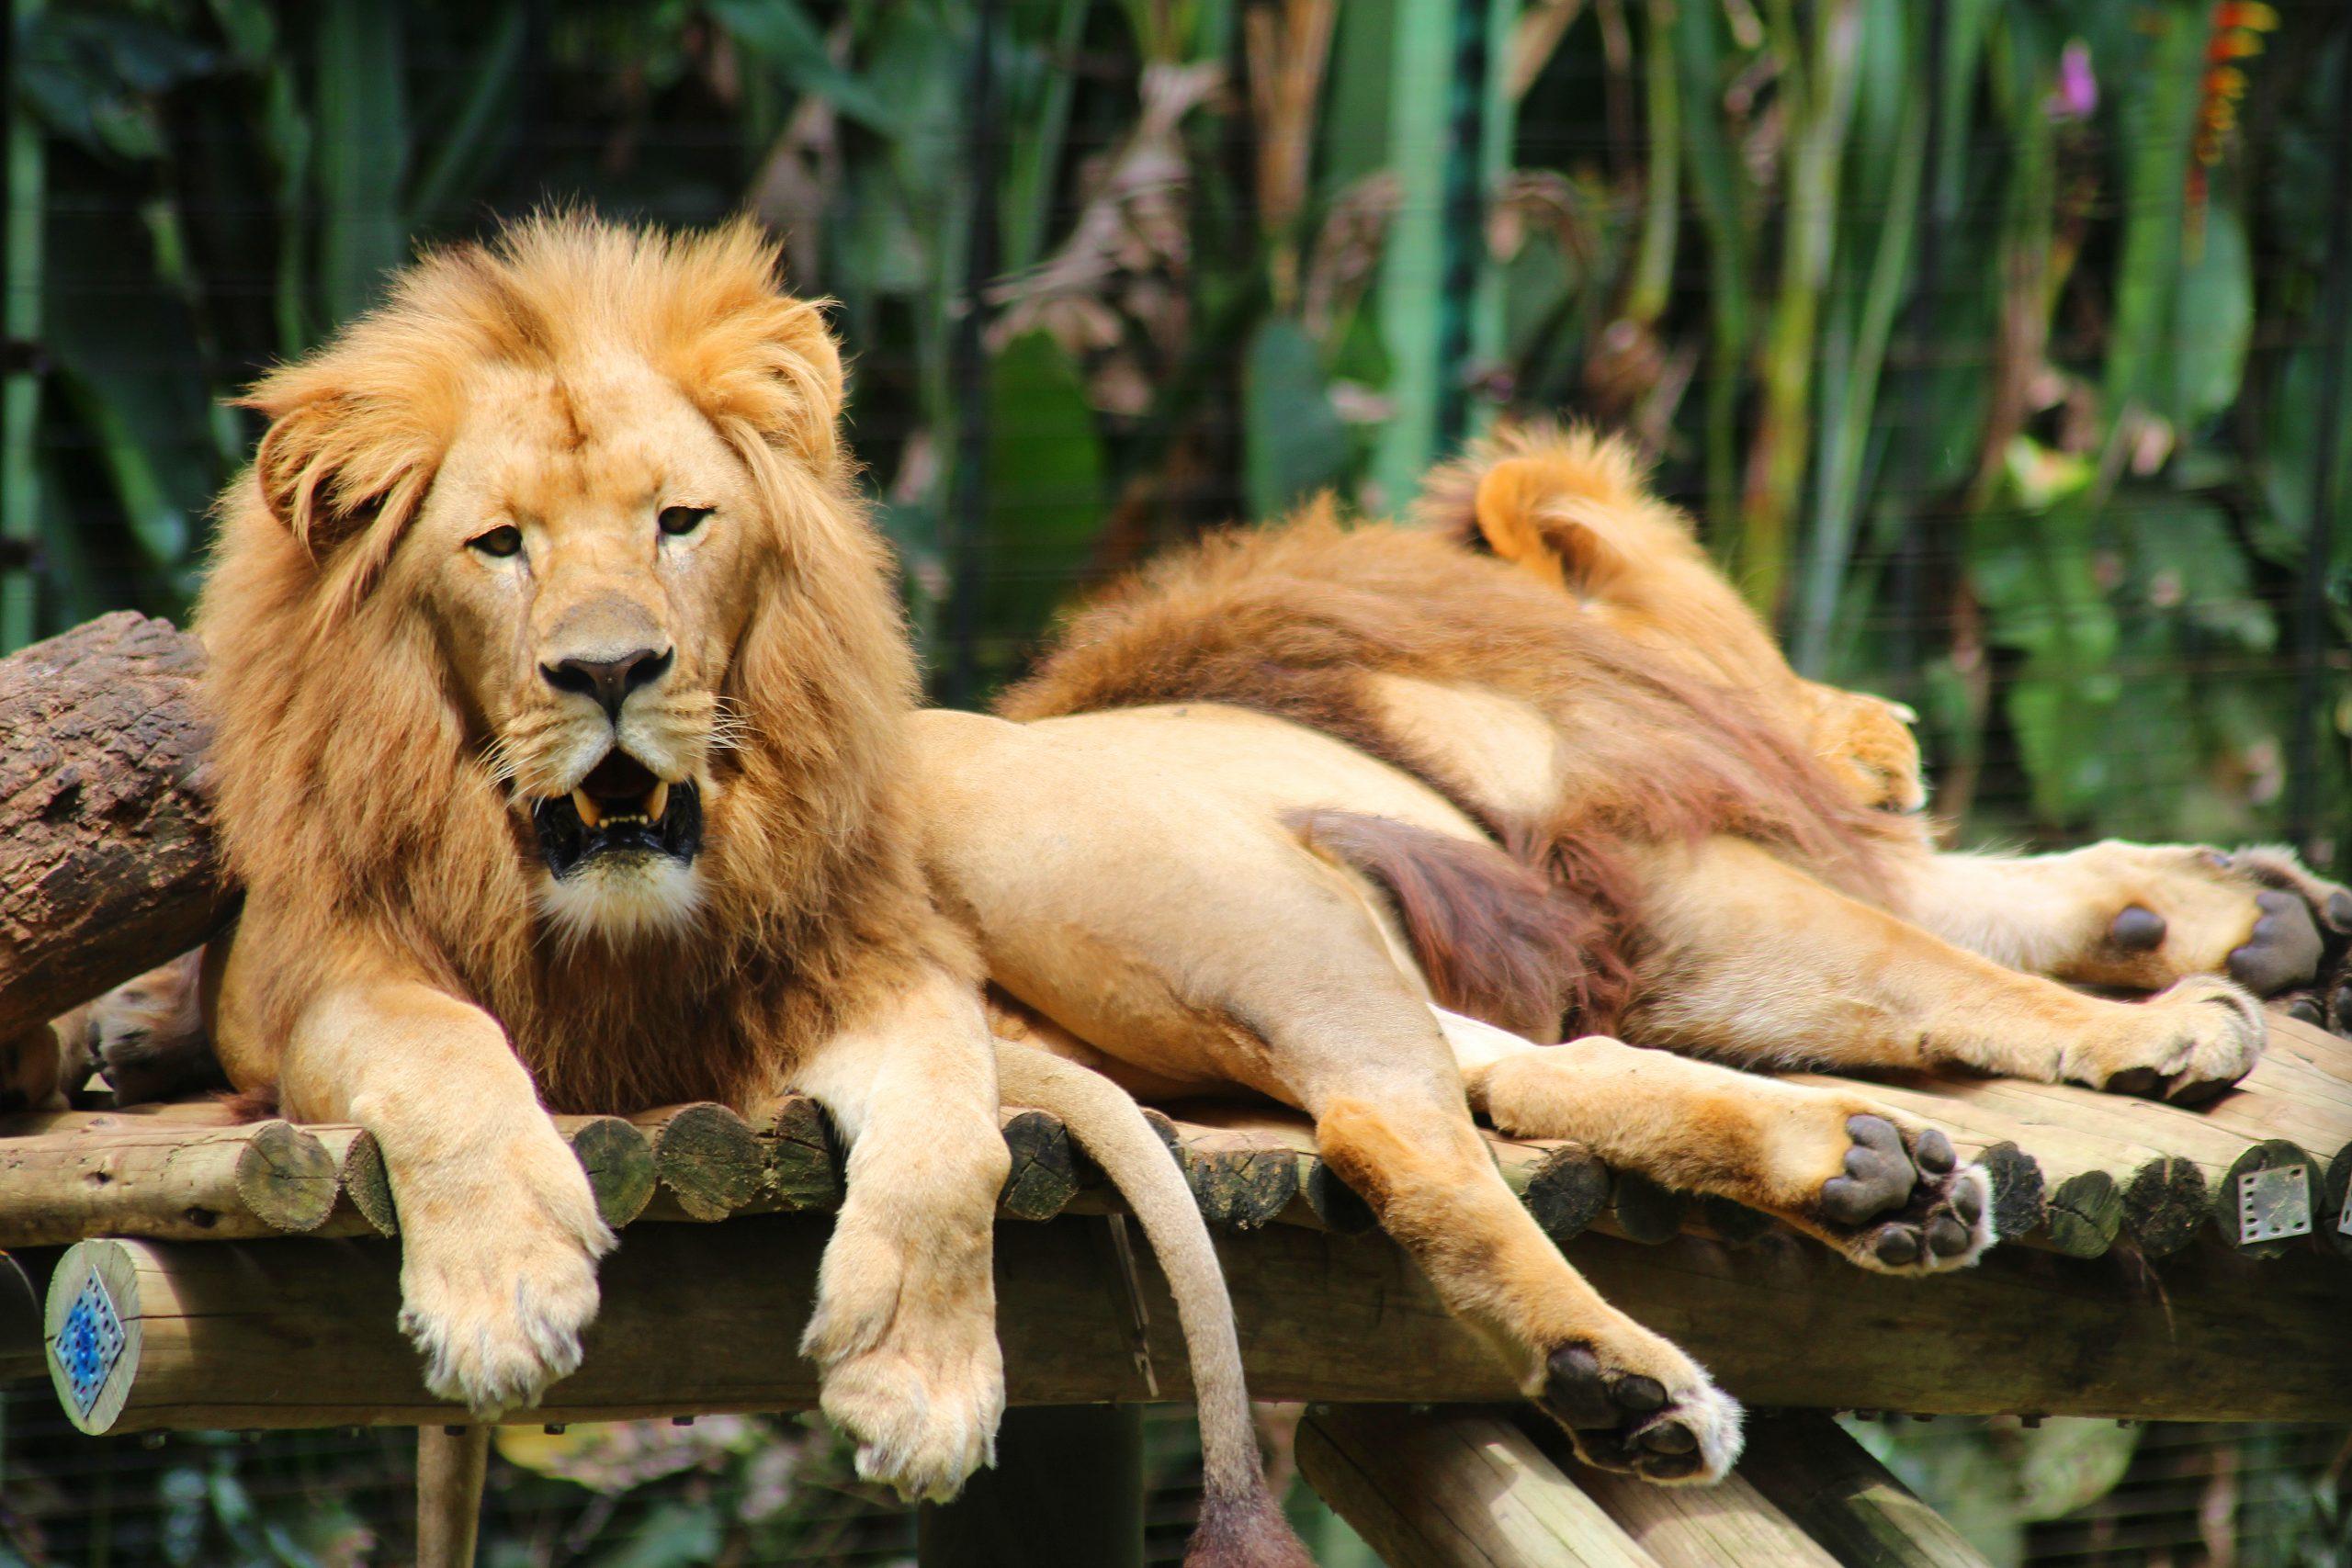 O Zoo Pomerode está no Vale Europeu e conta com mais de 1040 animais e 240 espécies – Foto: Zoo Pomerode